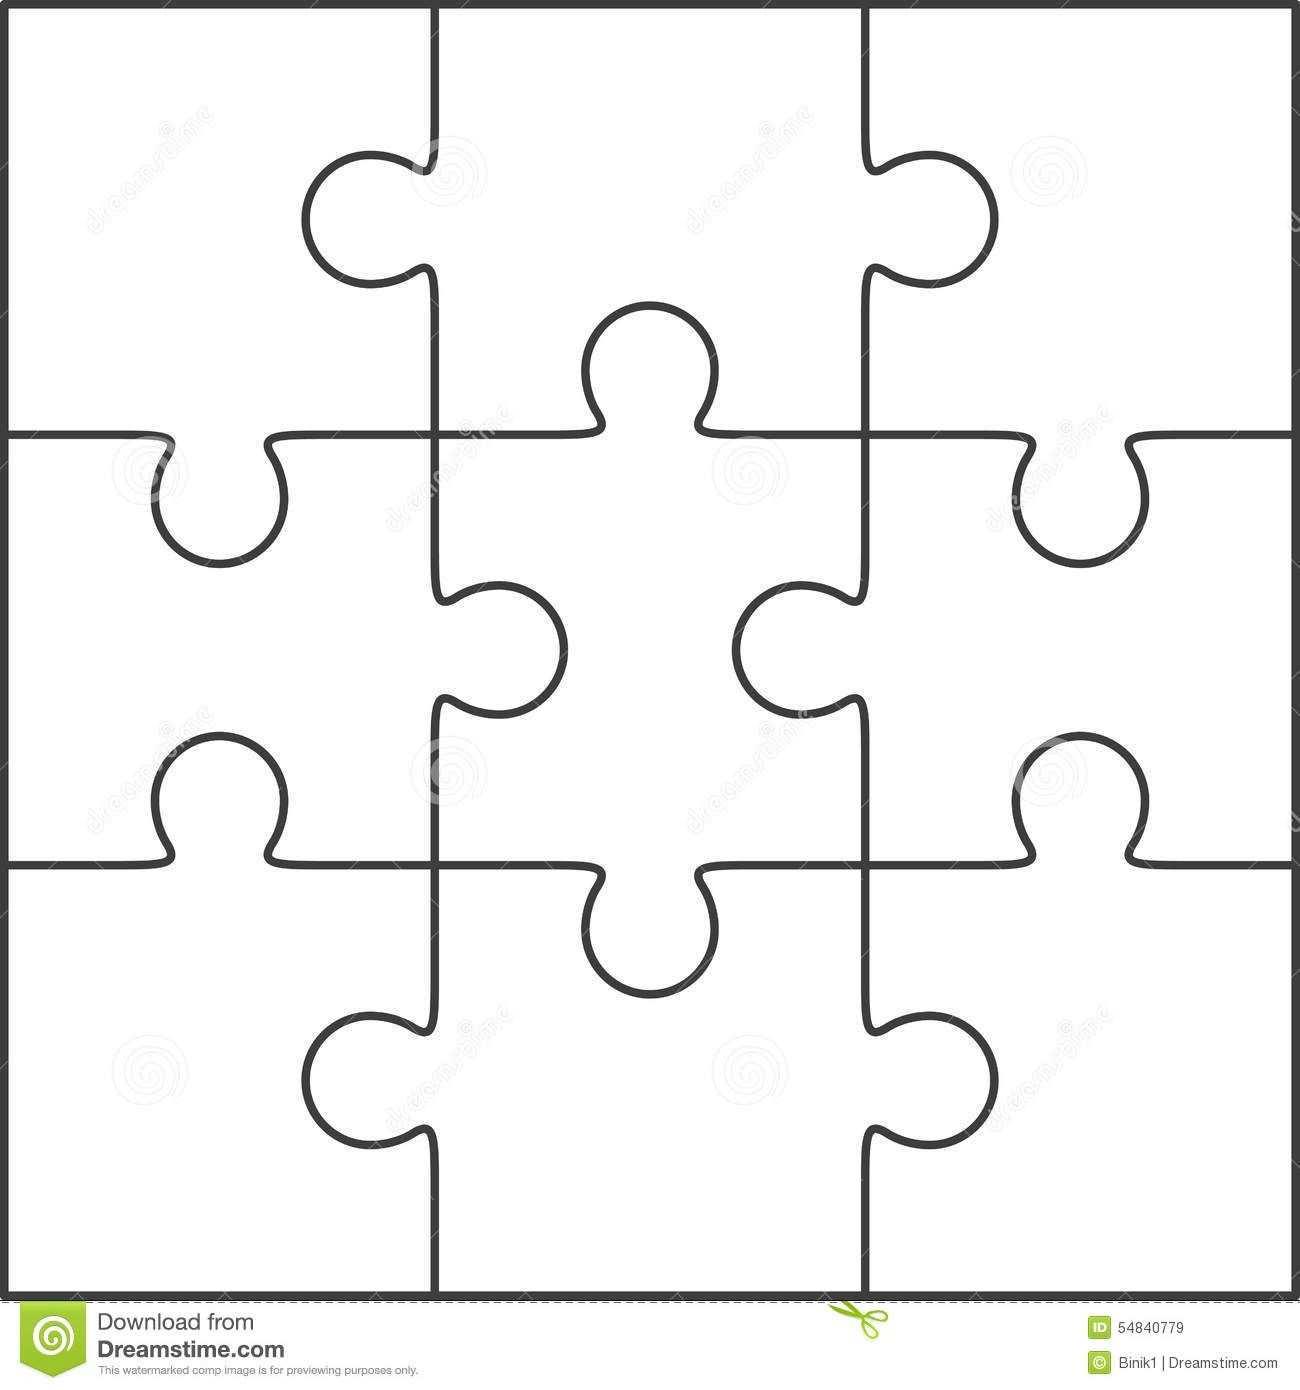 Image Result For Puzzle Templat4e Pinhas Pintadas Quebra Cabeca